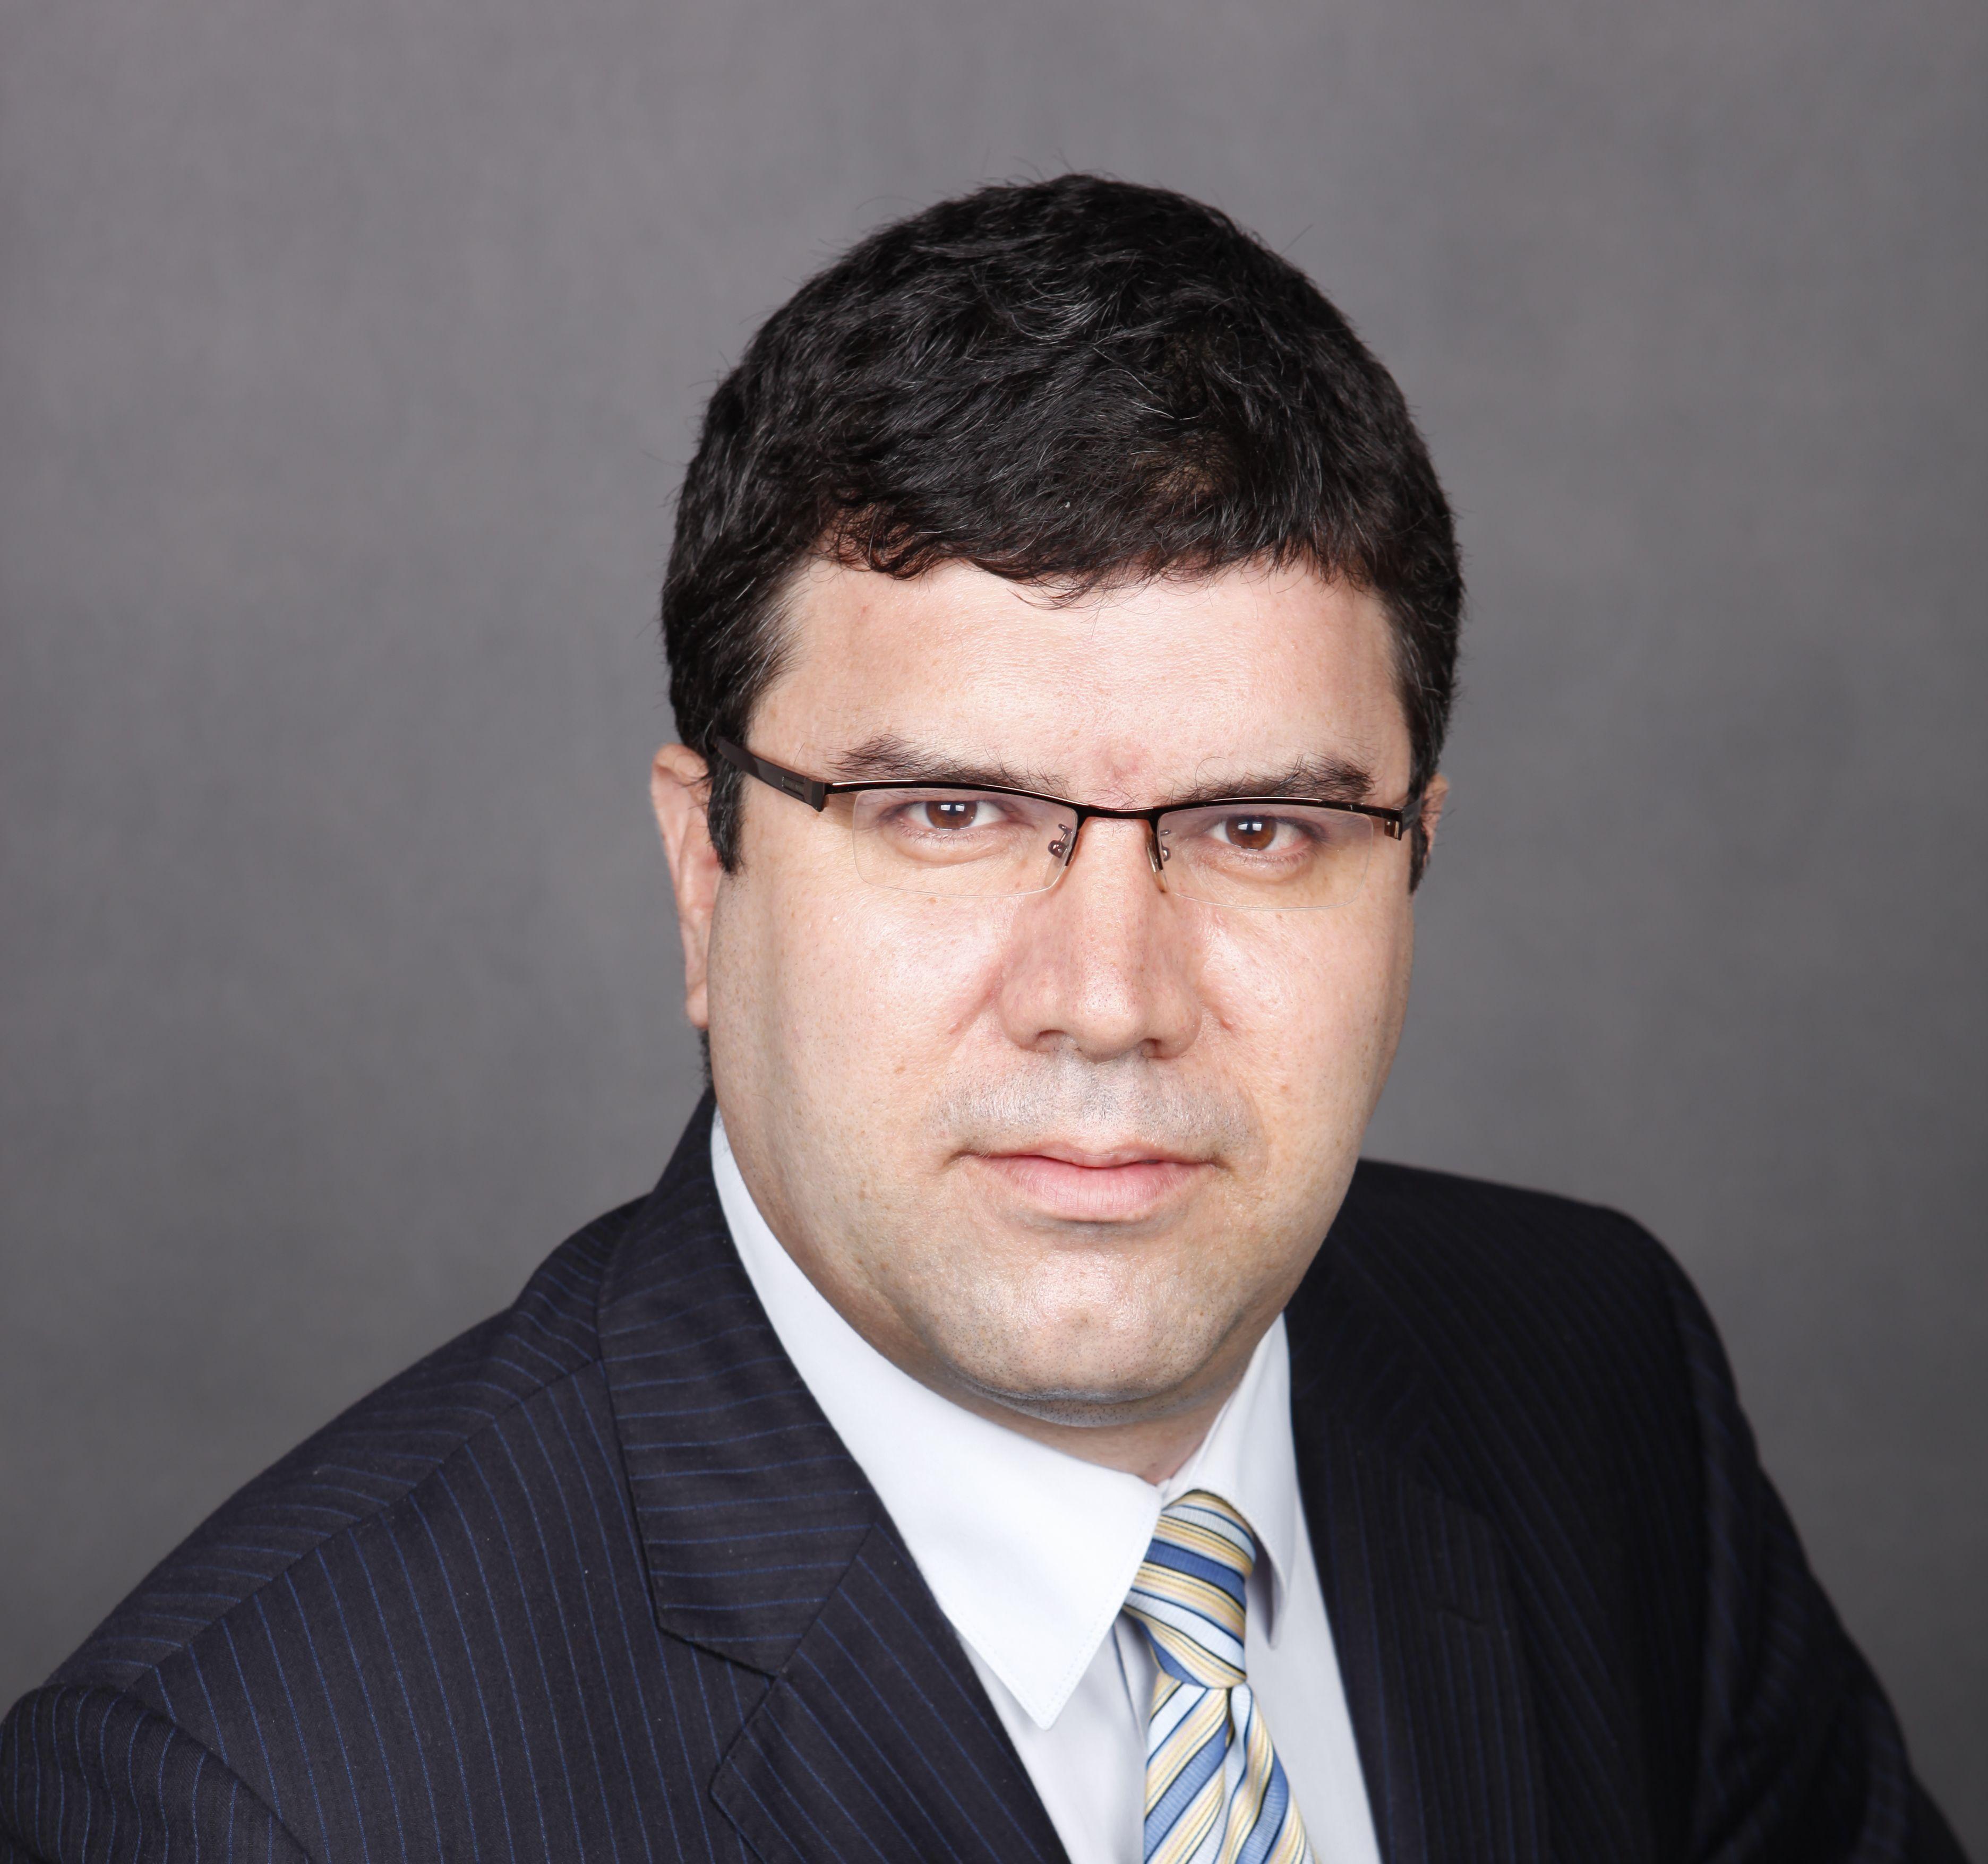 """Проф. д-р Андрей Захариев е номиниран за ректор на СА """"Д. А. Ценов"""" за мандат 2020-2024 год. (10.02.2020)"""